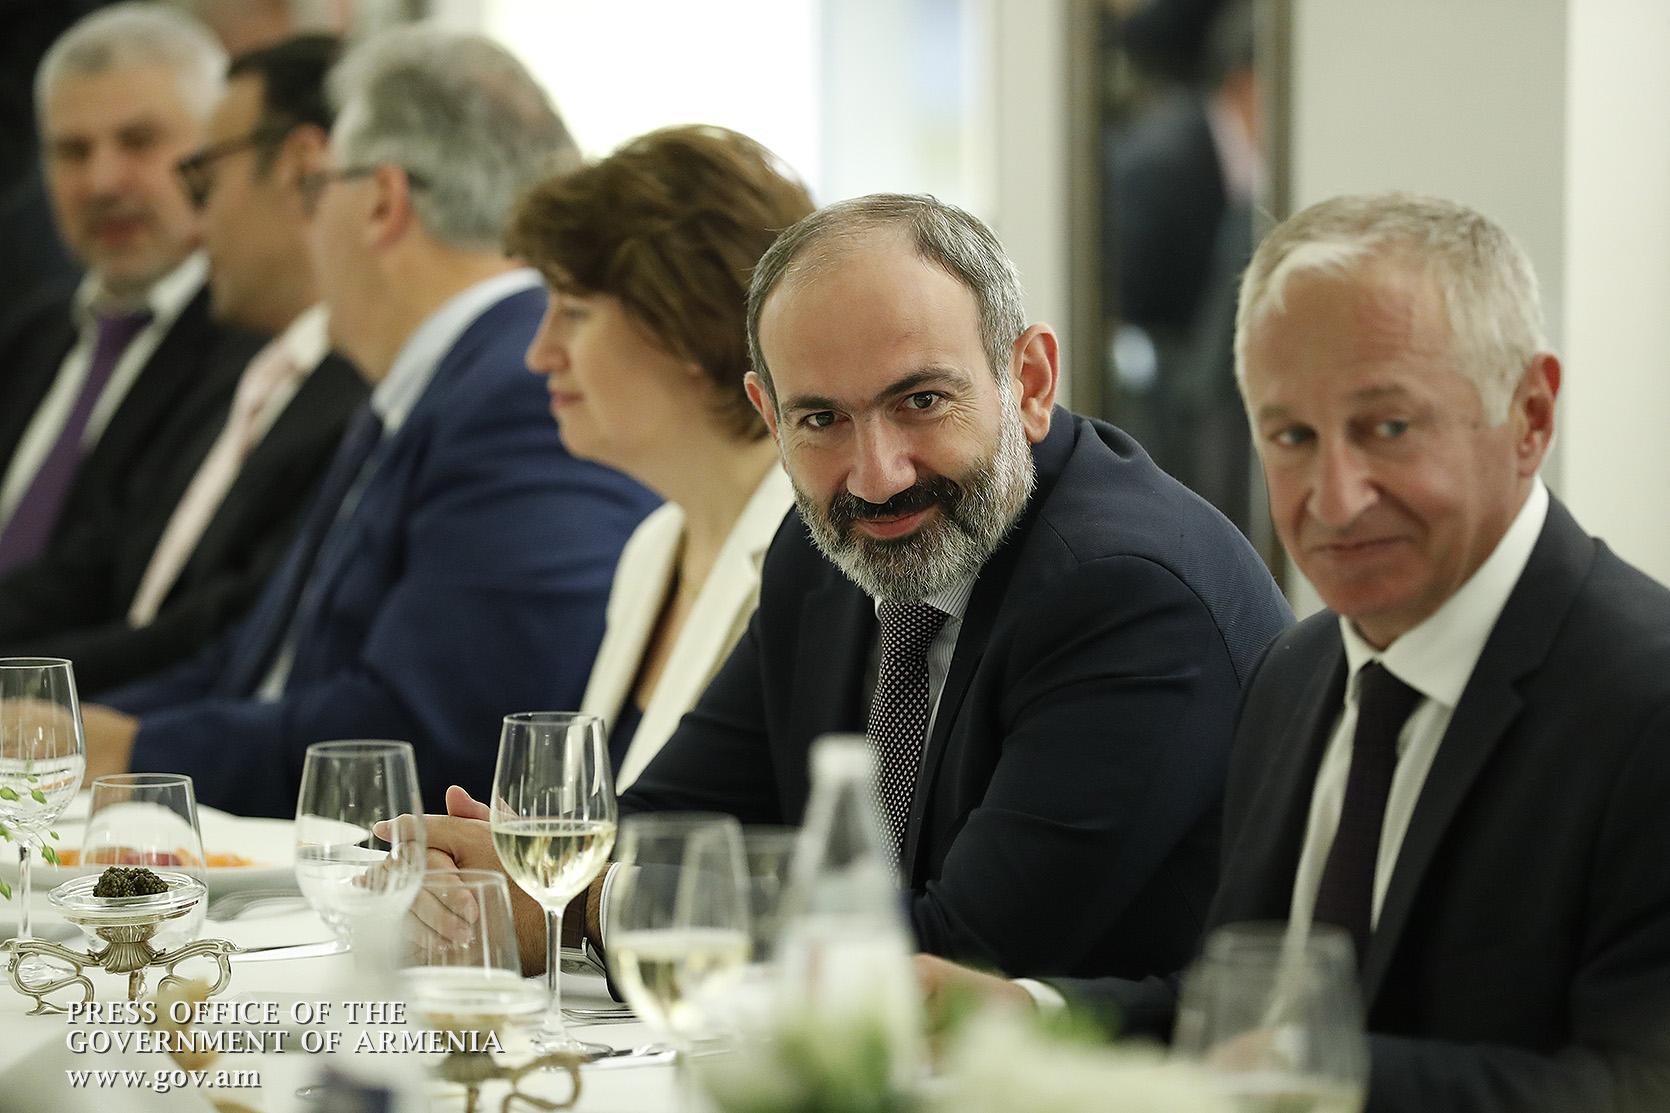 Կարող եմ երաշխավորել, որ այսօր Հայաստանում բոլորը հավասար են օրենքի առաջ. Նիկոլ Փաշինյանն ասել է ֆրանսահայ համայնքի հետ հանդիպմանը